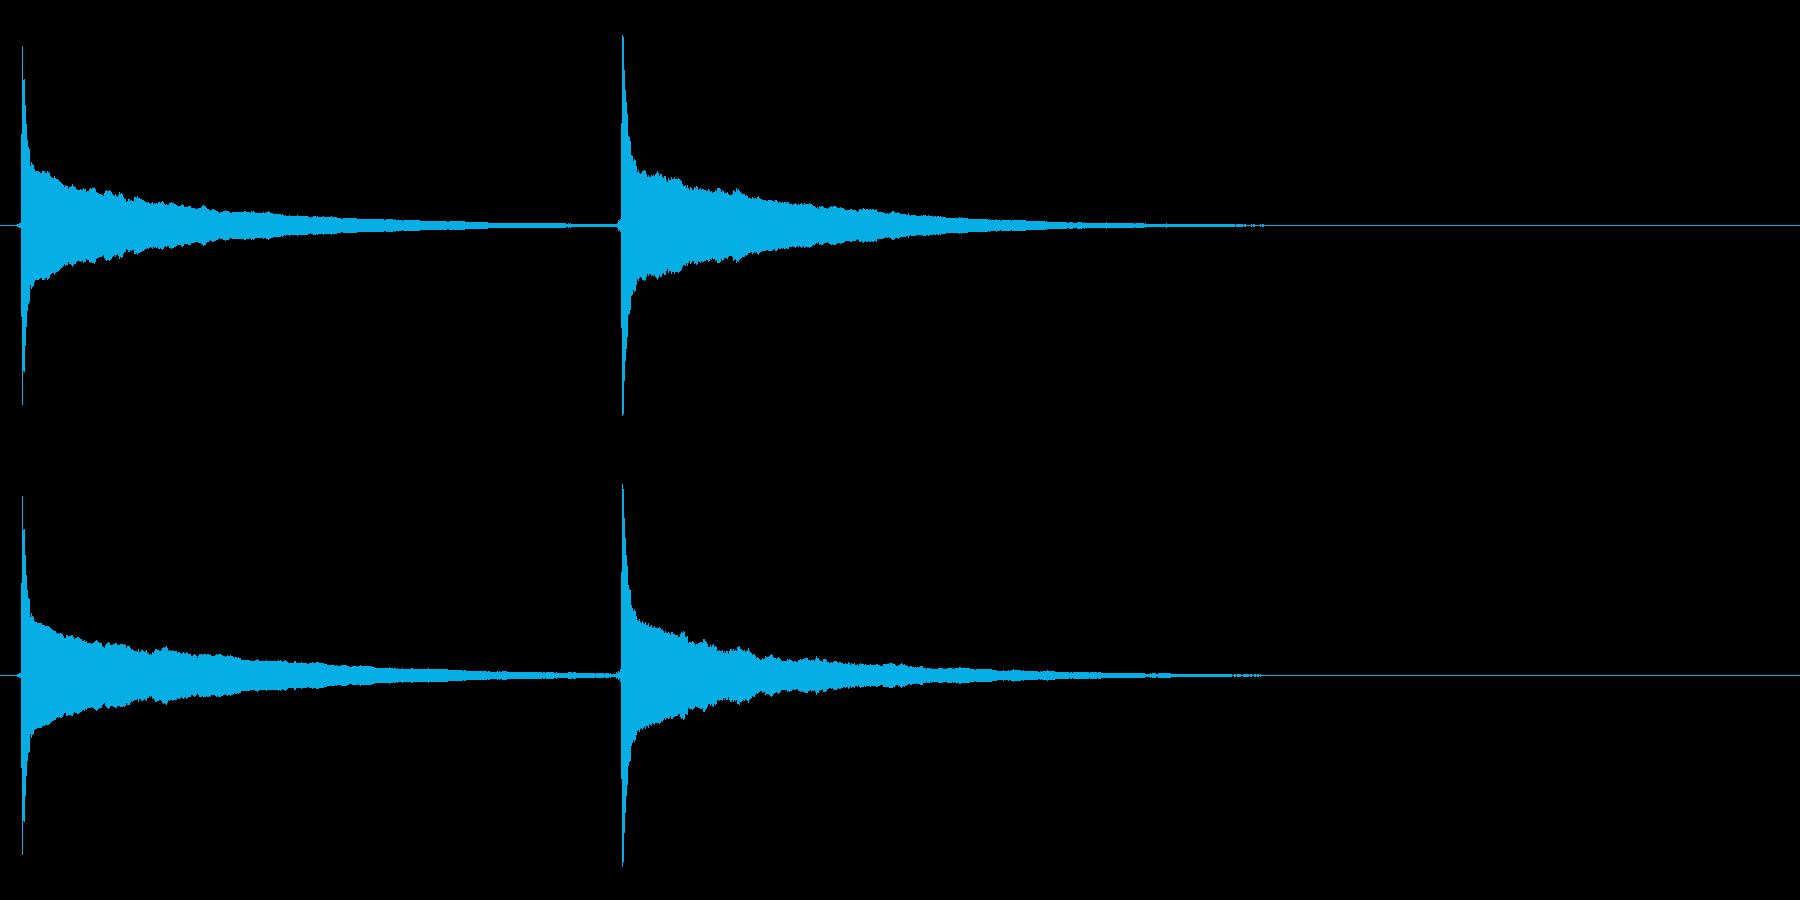 ピンポン (3)の再生済みの波形